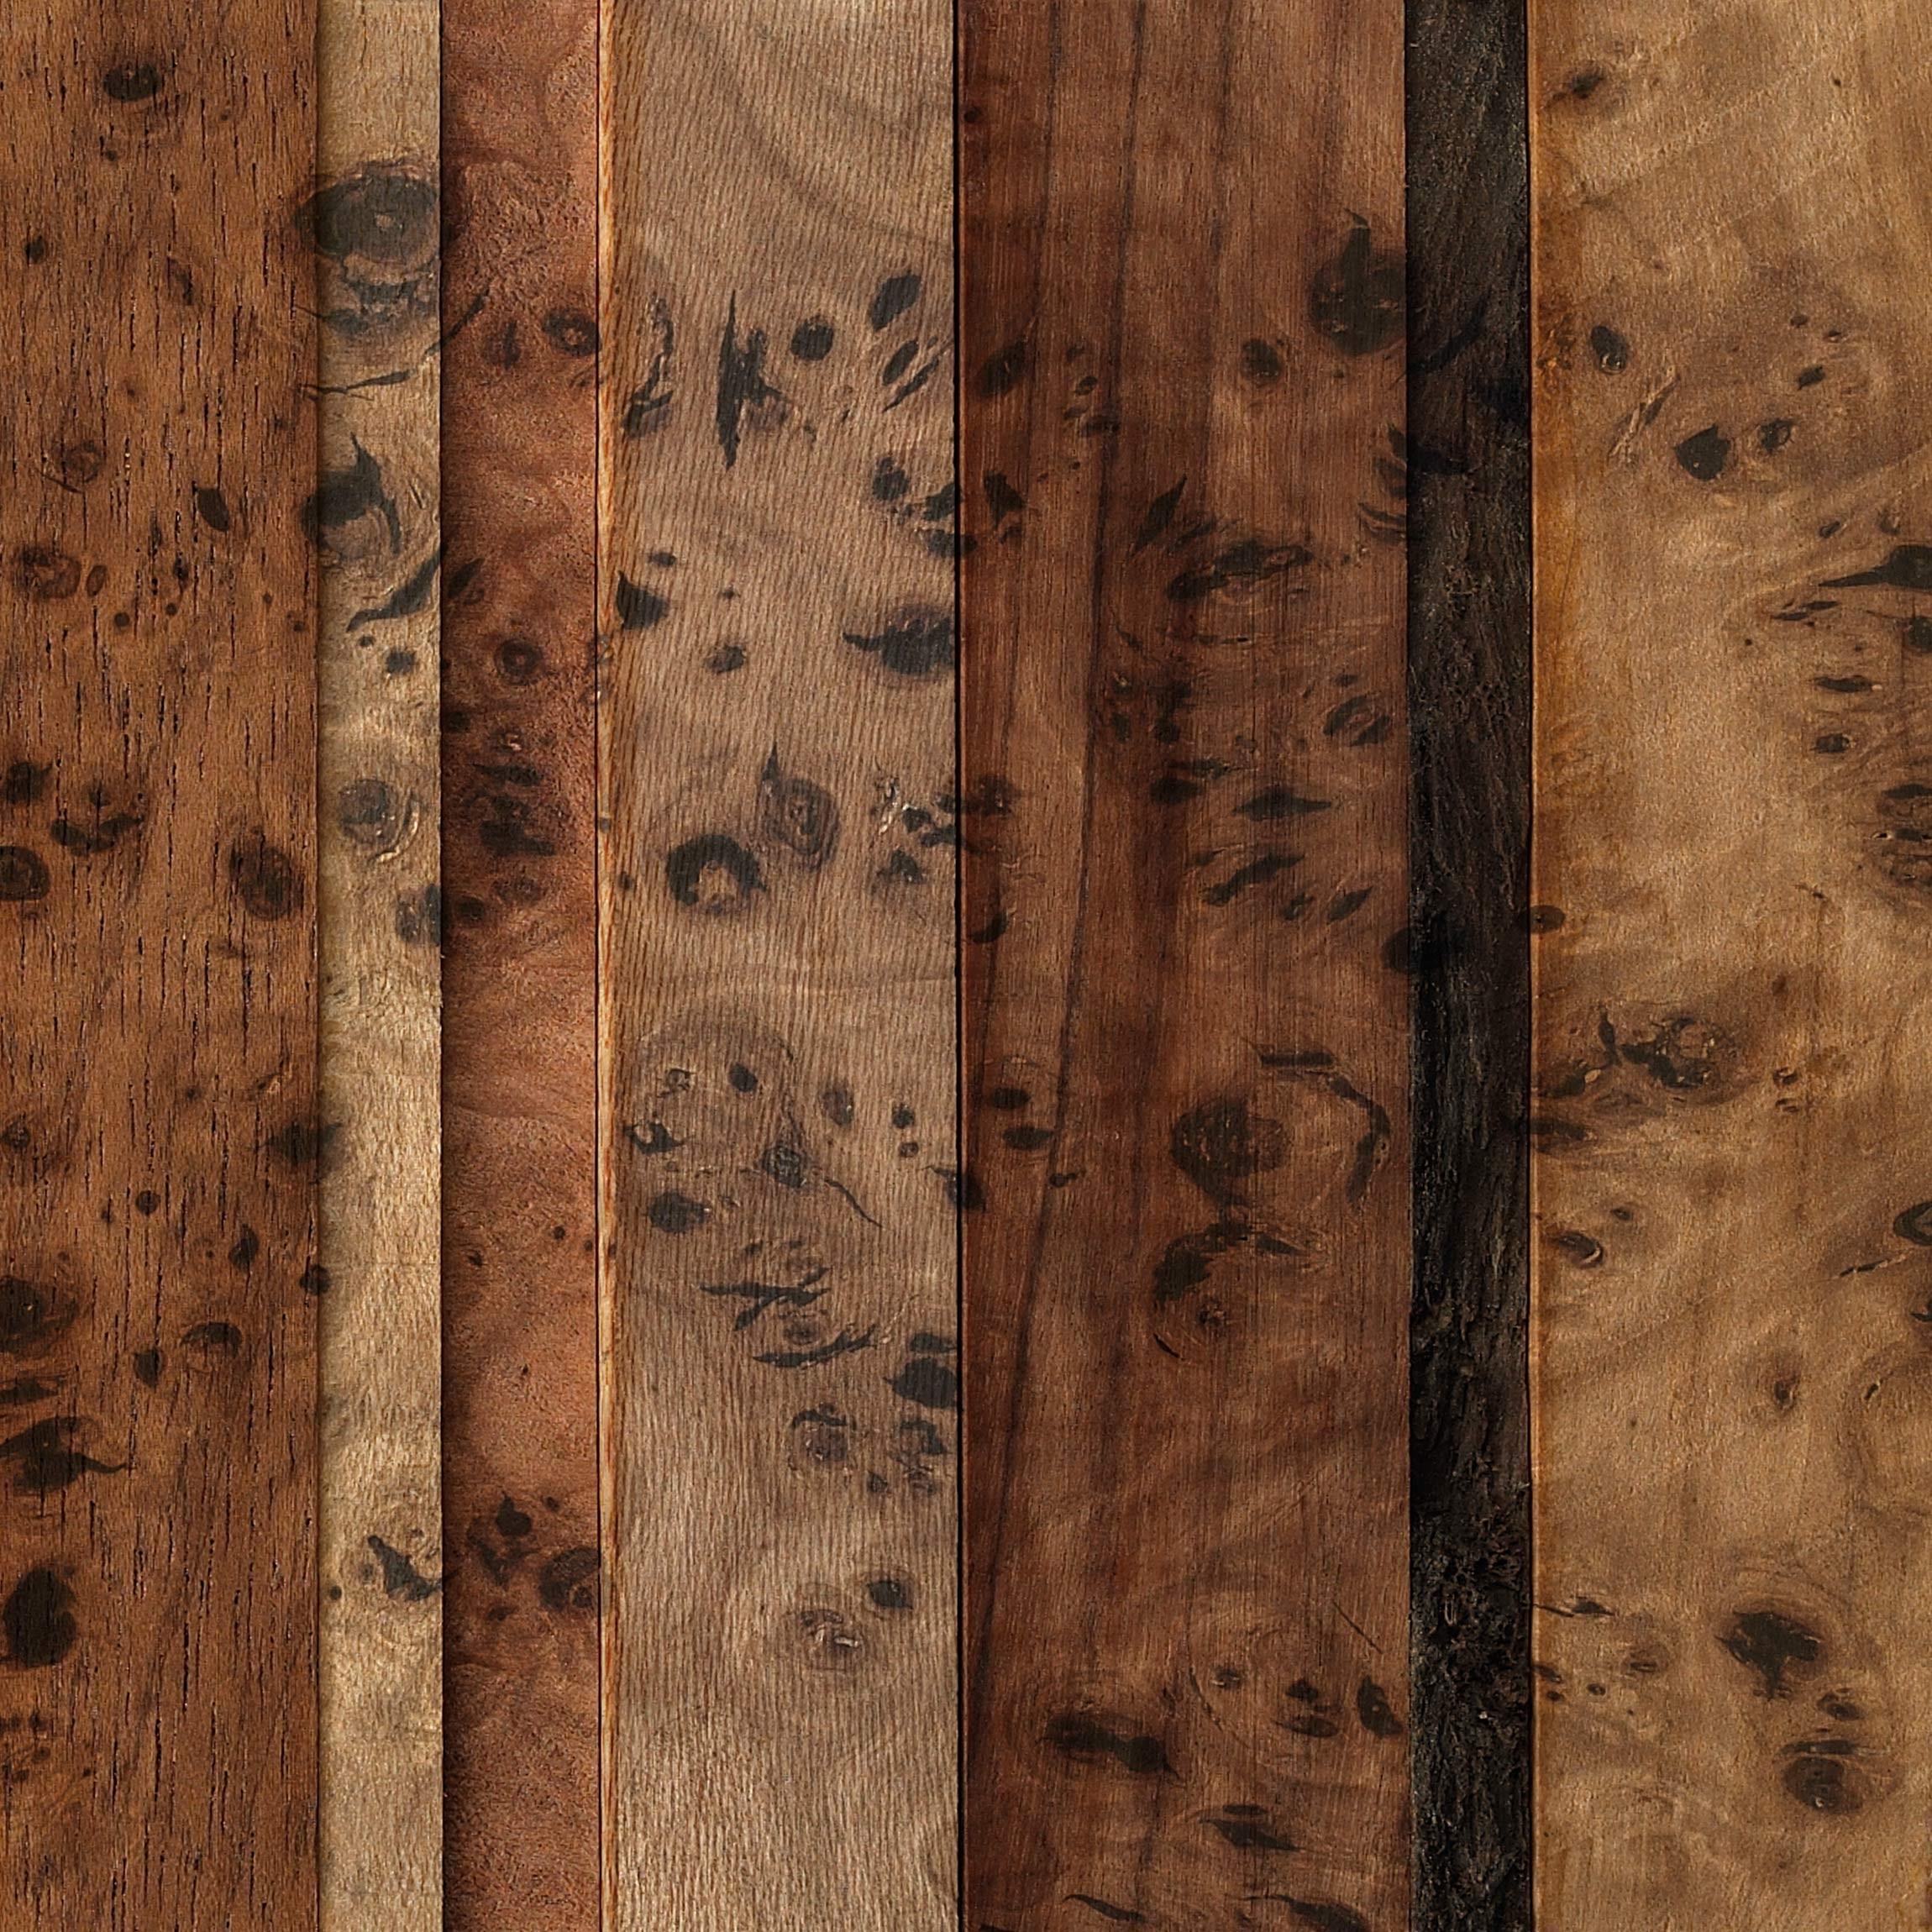 Holzdekorfolie holzwand bird klebefolie holzoptik for Klebefolie holzoptik